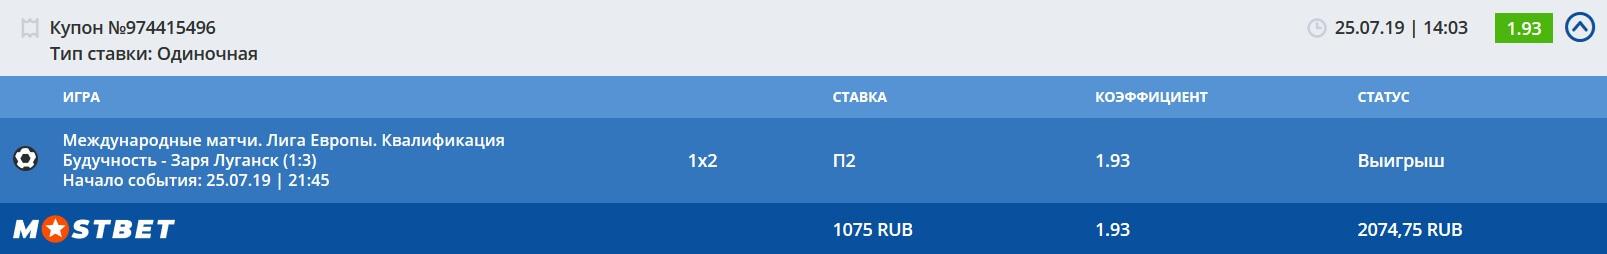 Будучность - Заря Луганск, Результаты Ставки